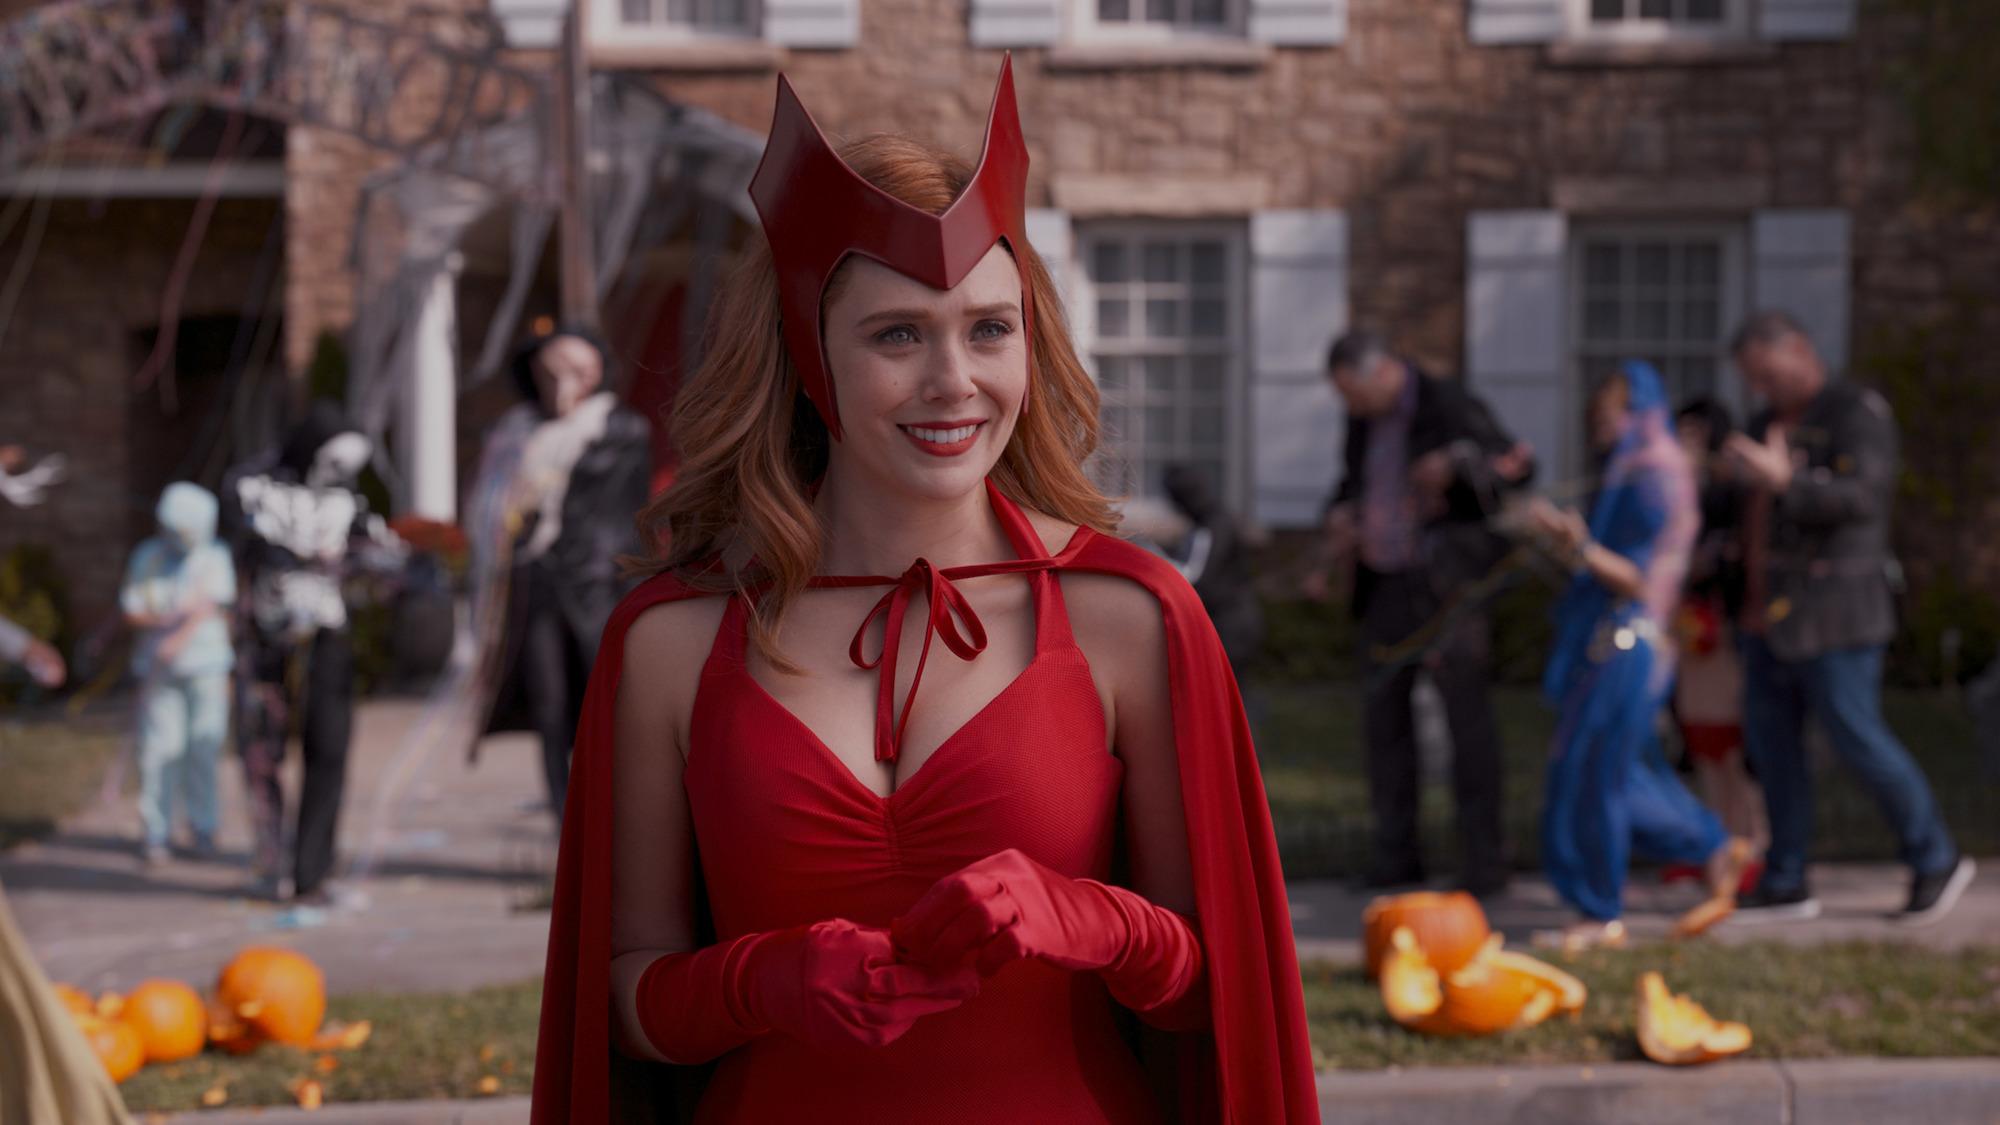 Elizabeth Olsen as Wanda Maximoff in 'WandaVision' Episode 6, Halloween episode